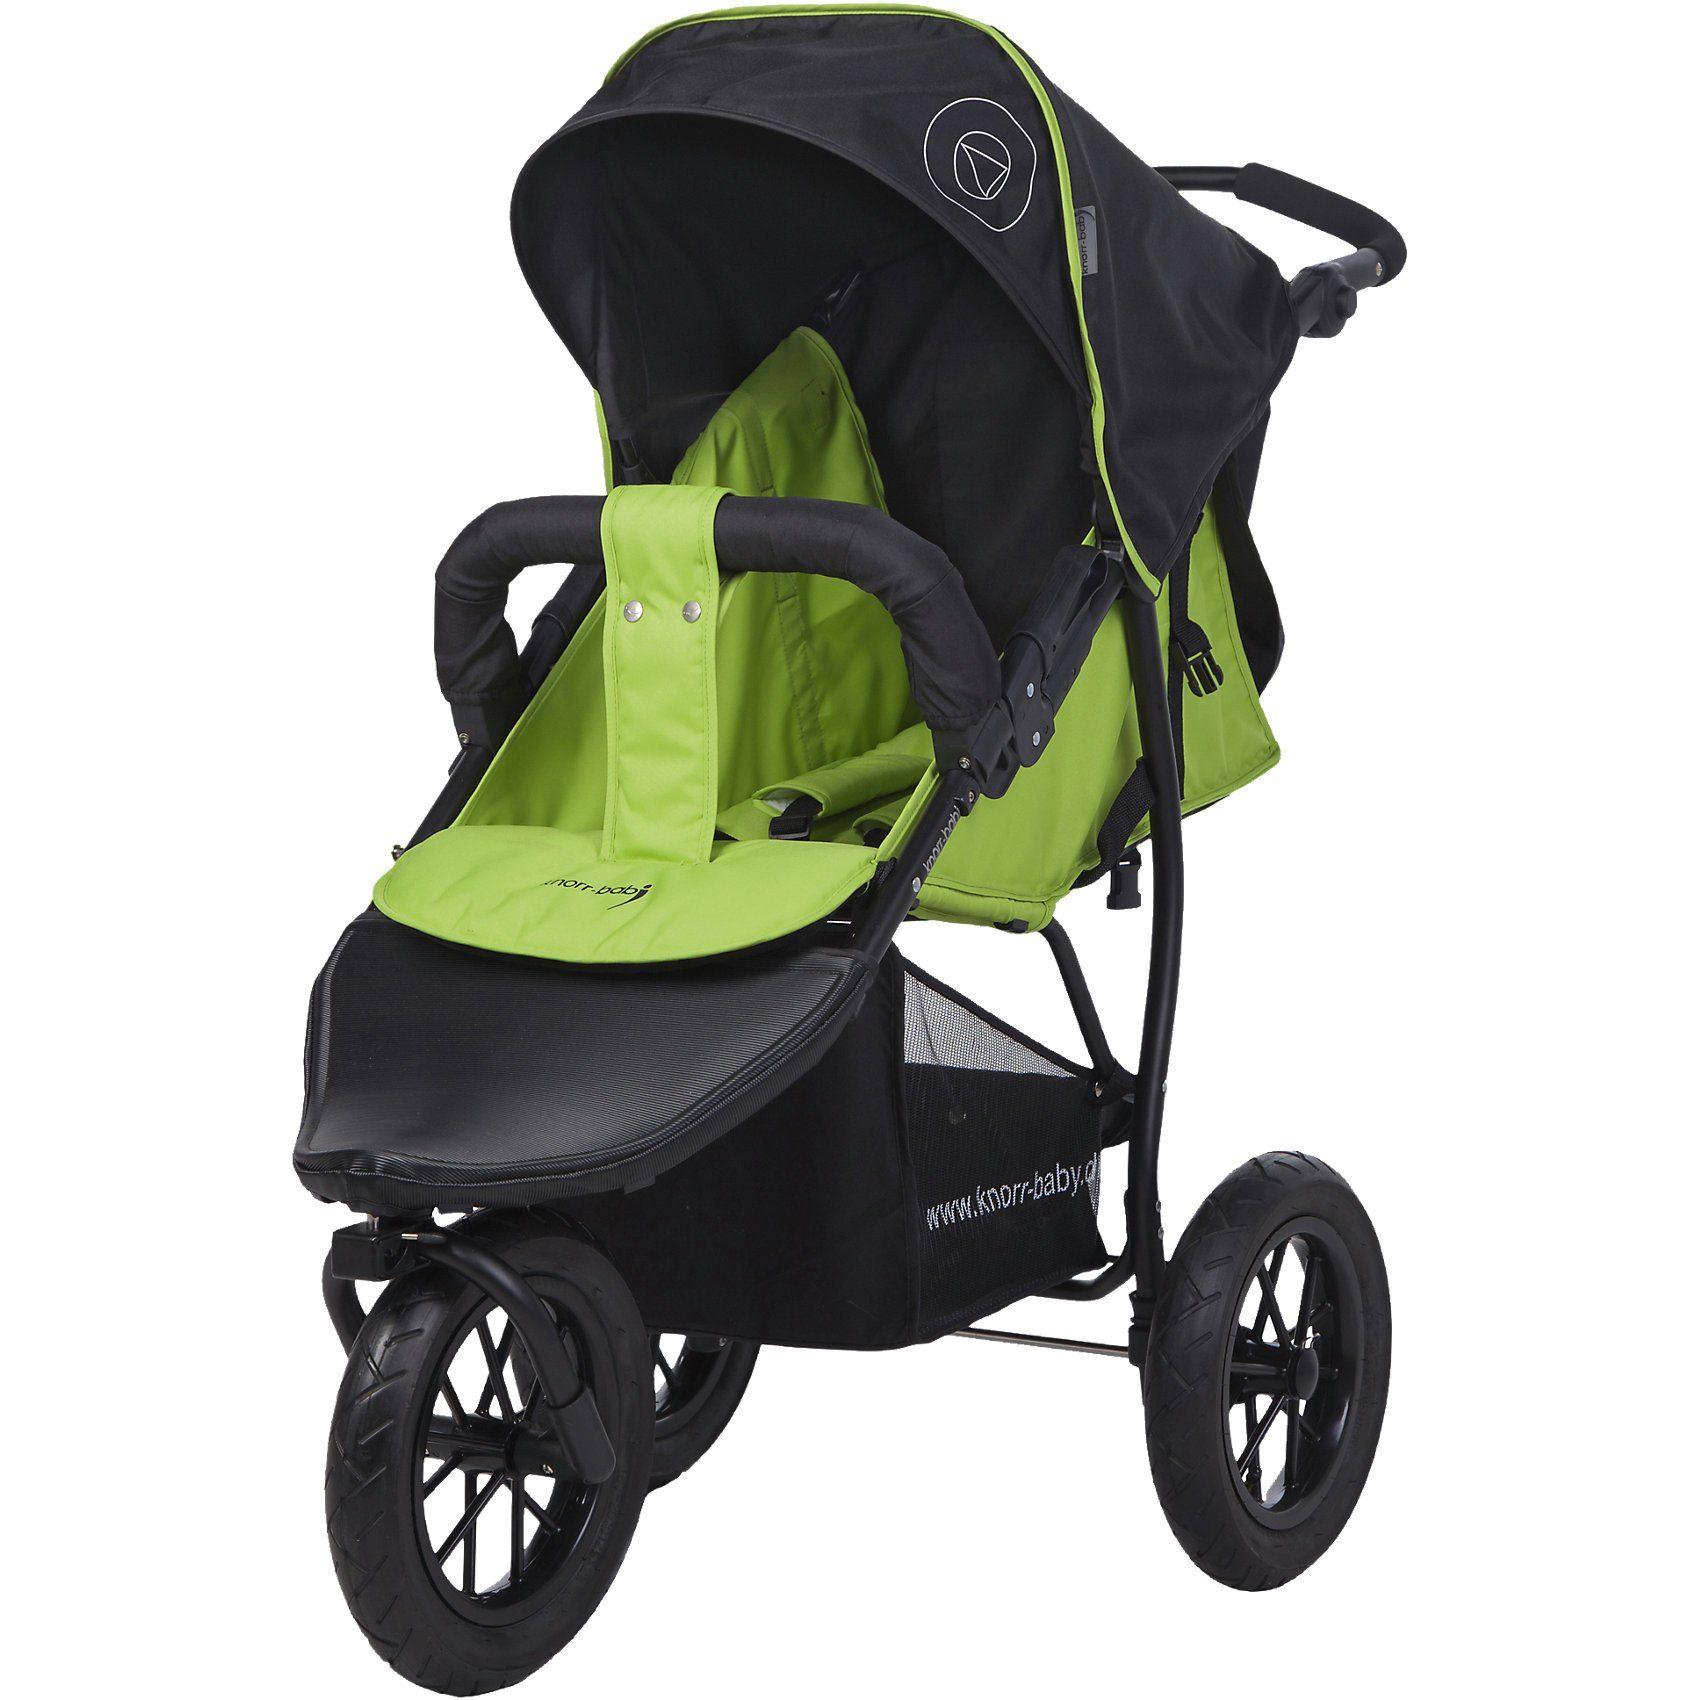 knorr-baby Jogger Joggy S Happy Colour mit Schlummerverdeck, grün